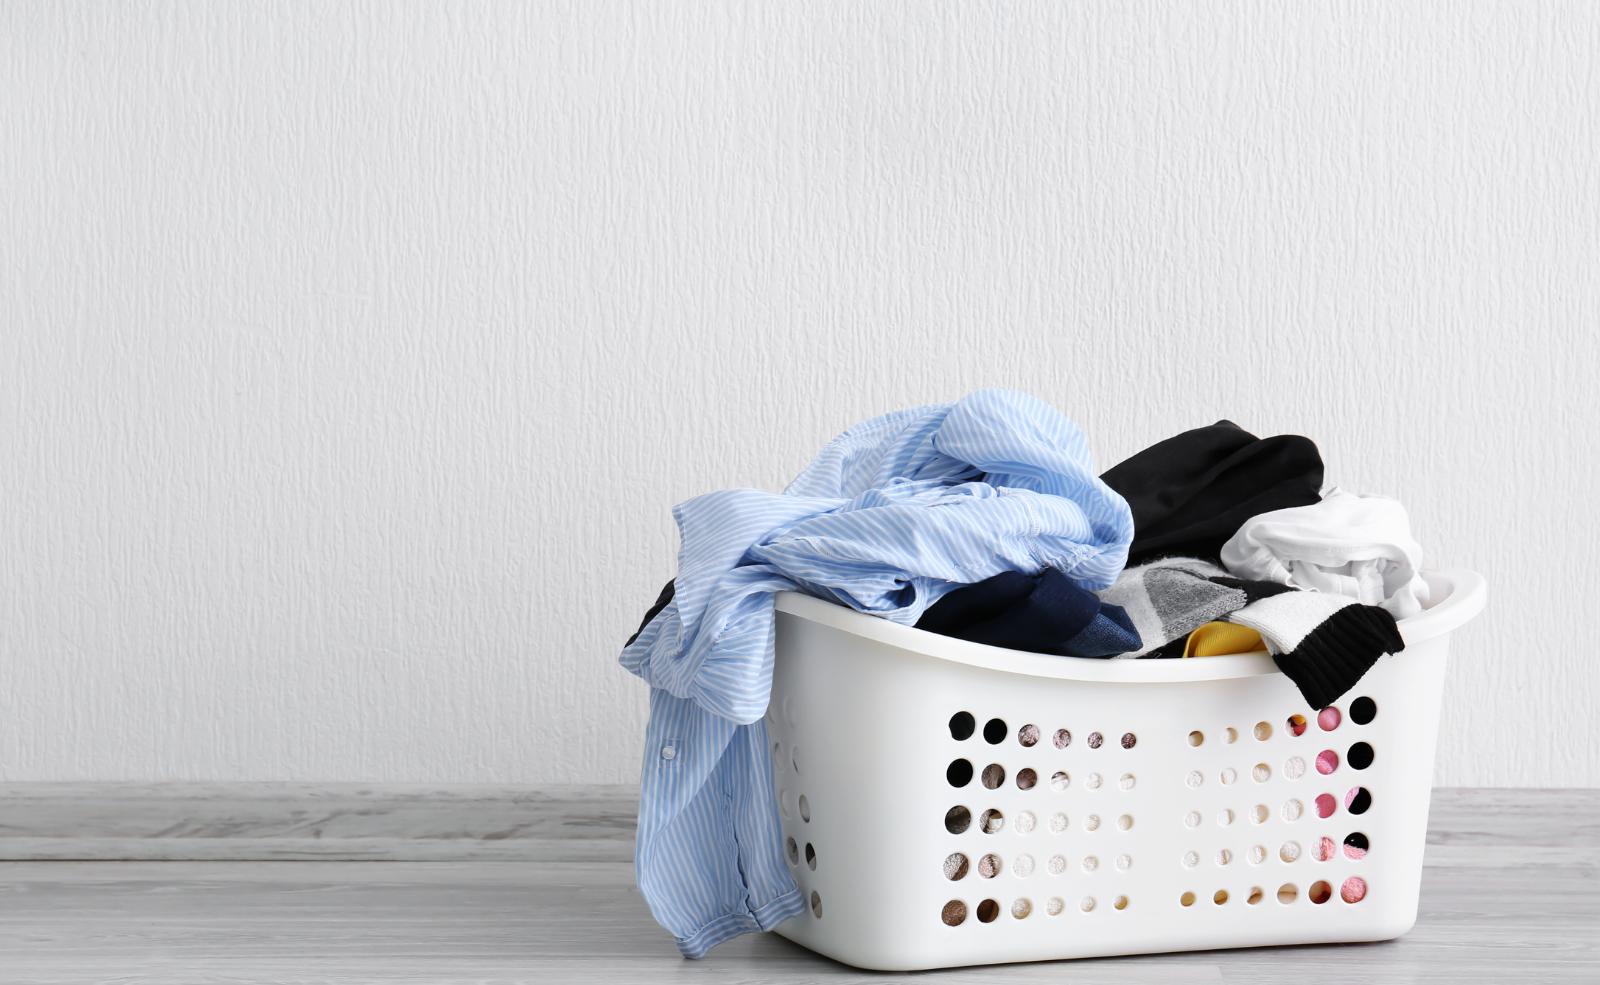 Damit der Trockner deine Wäsche gut trocknet, solltest du den Kondensator regelmäßig reinigen.